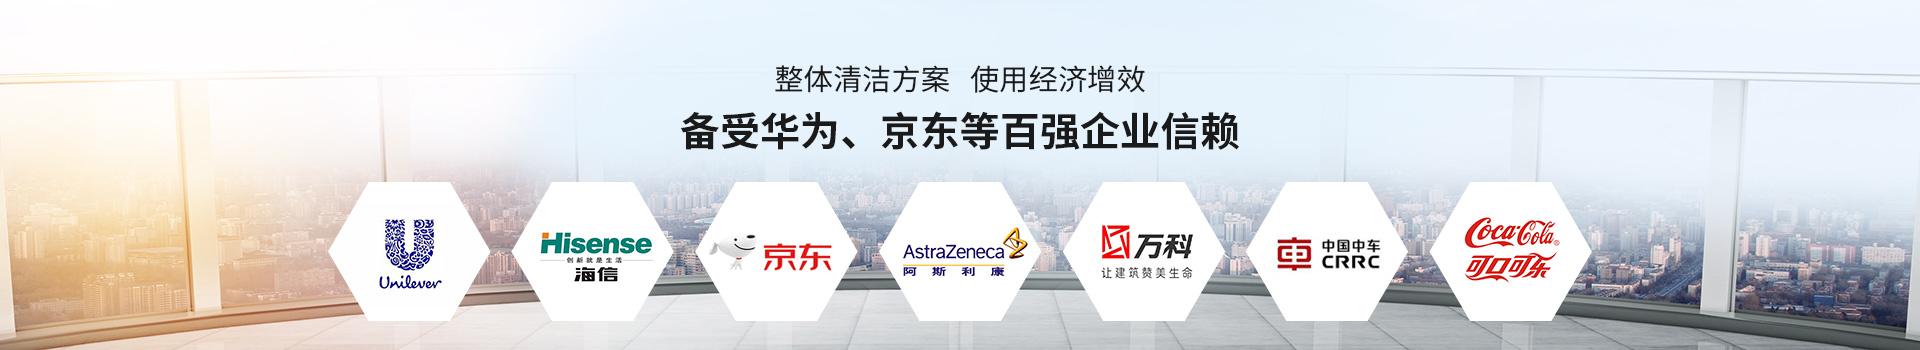 南京嘉得力-备受华为、京东等百强企业信赖